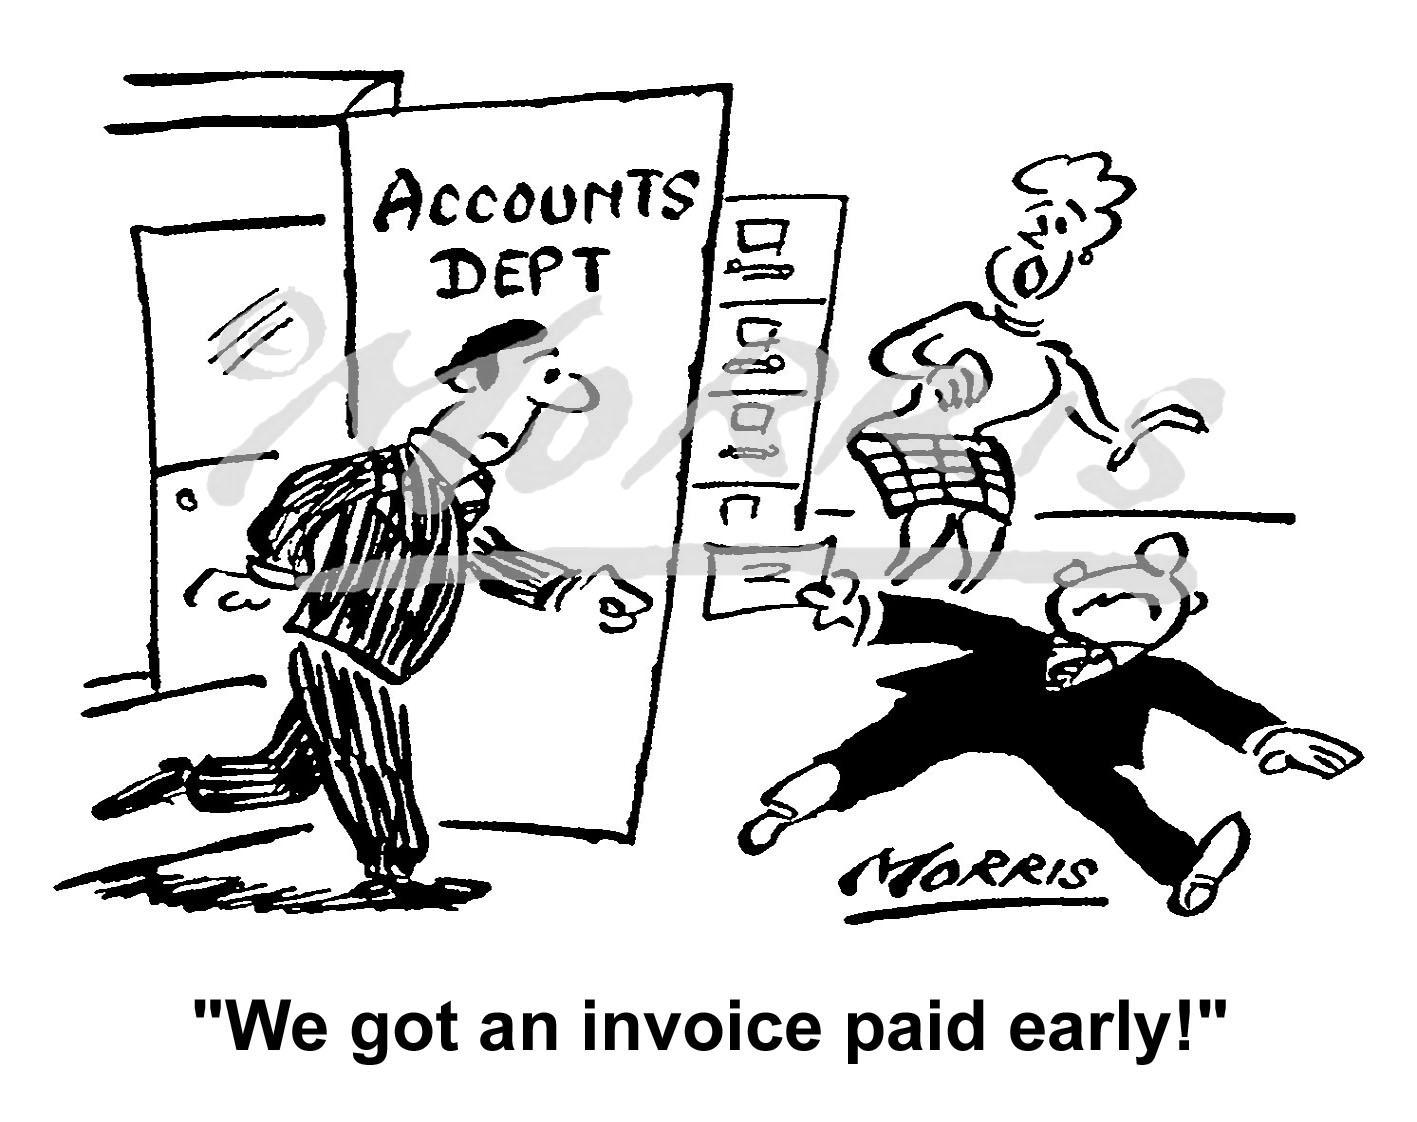 Company Accounts invoice cartoon – Ref: 5084bw